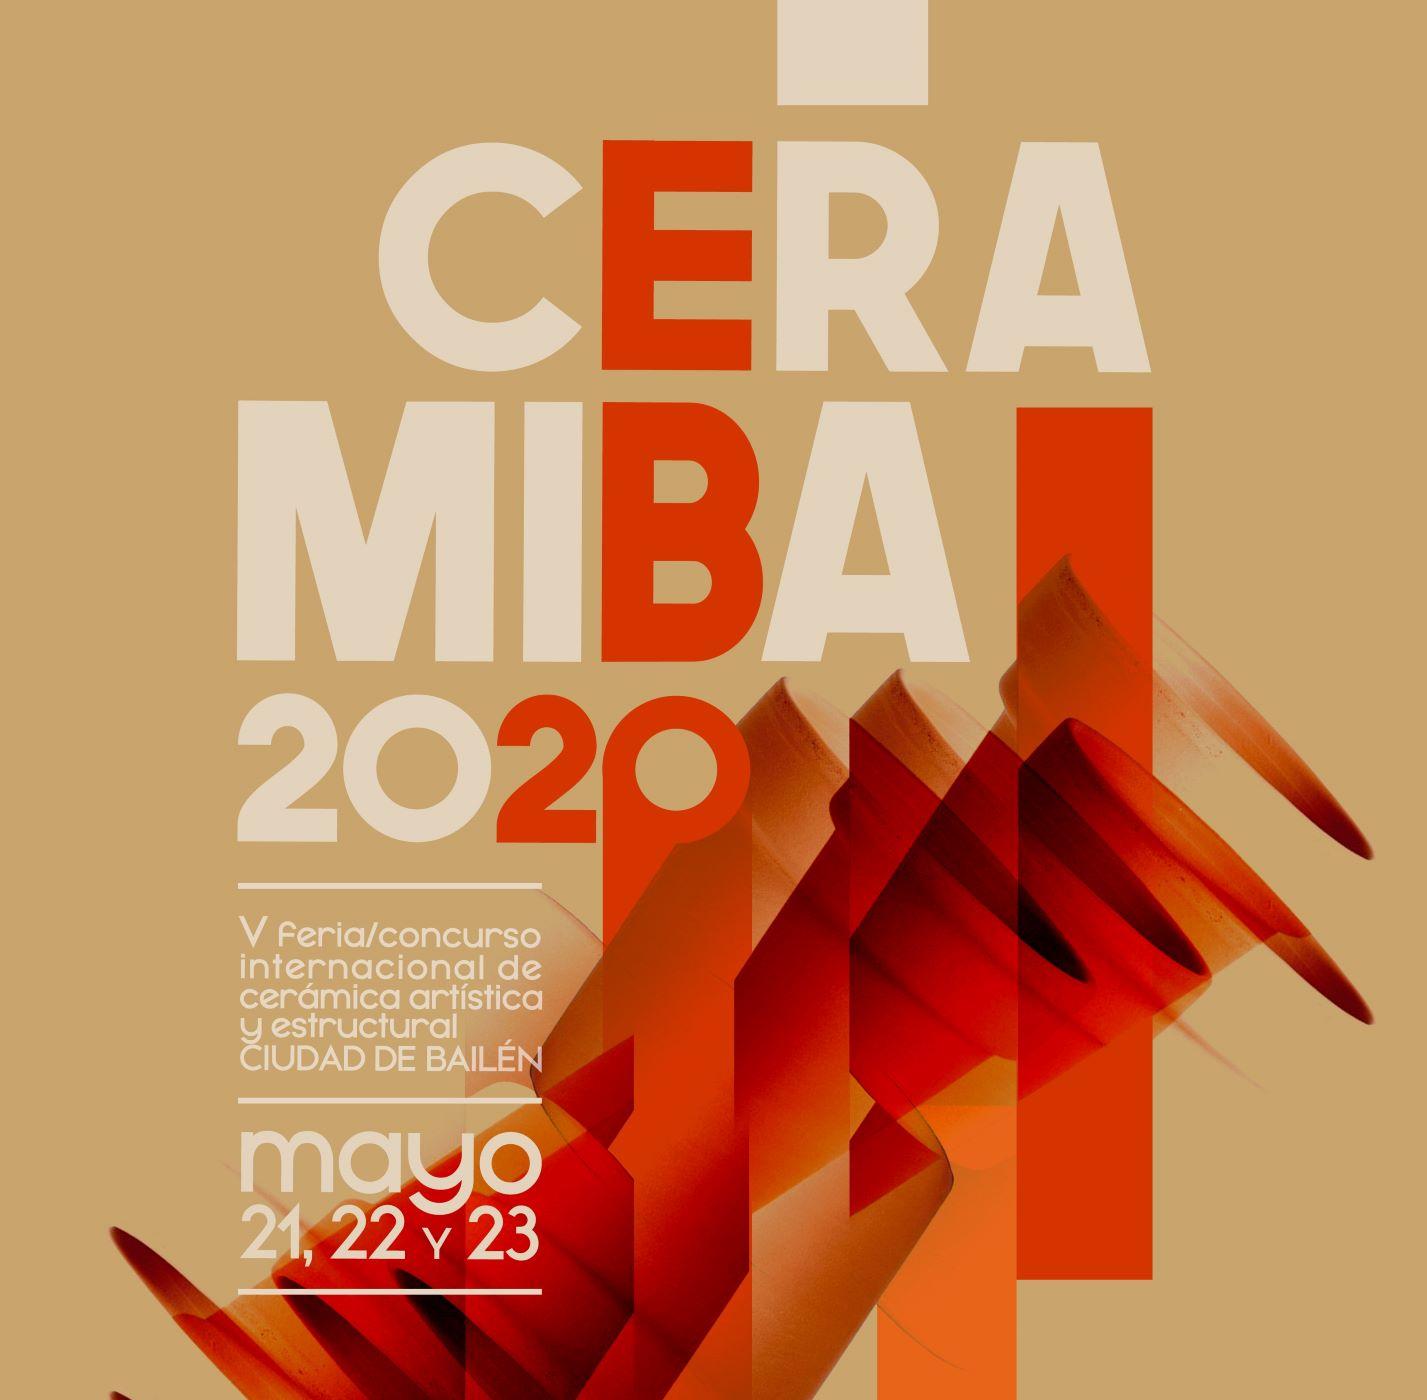 Bailén (Jaén): Abierto El Plazo De Inscripción De CERAMIBA 2020